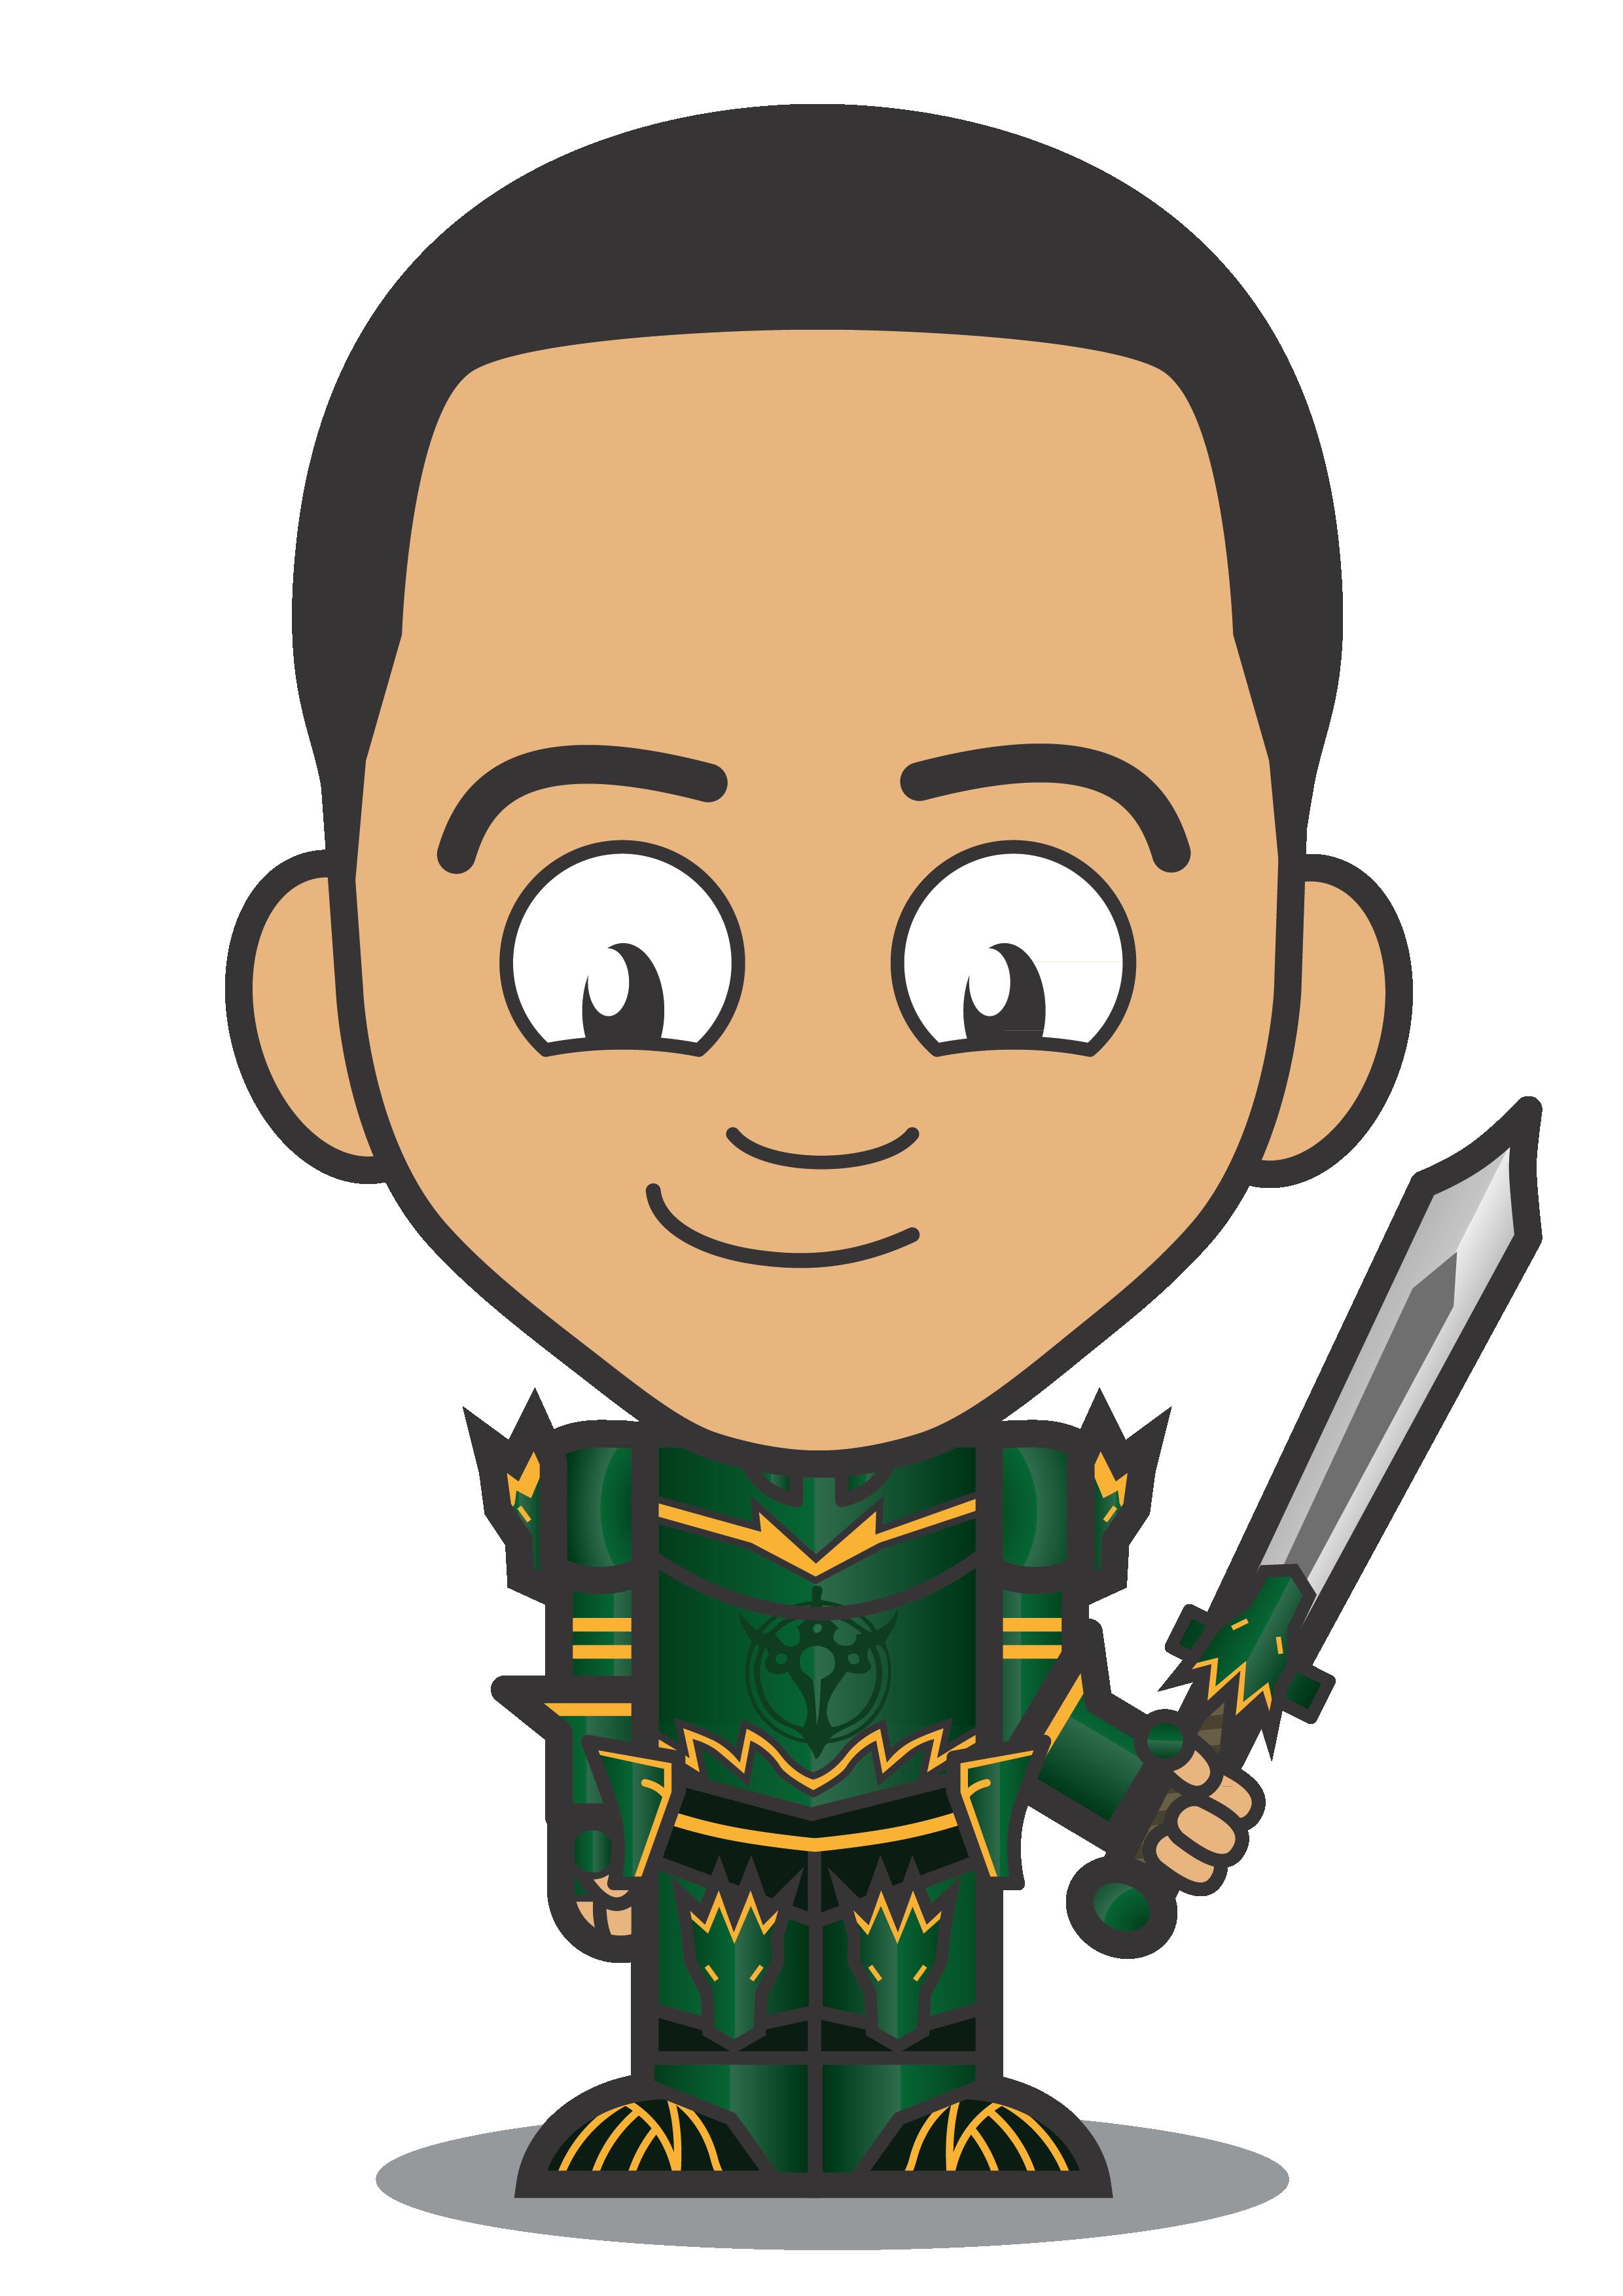 DJONES green knight